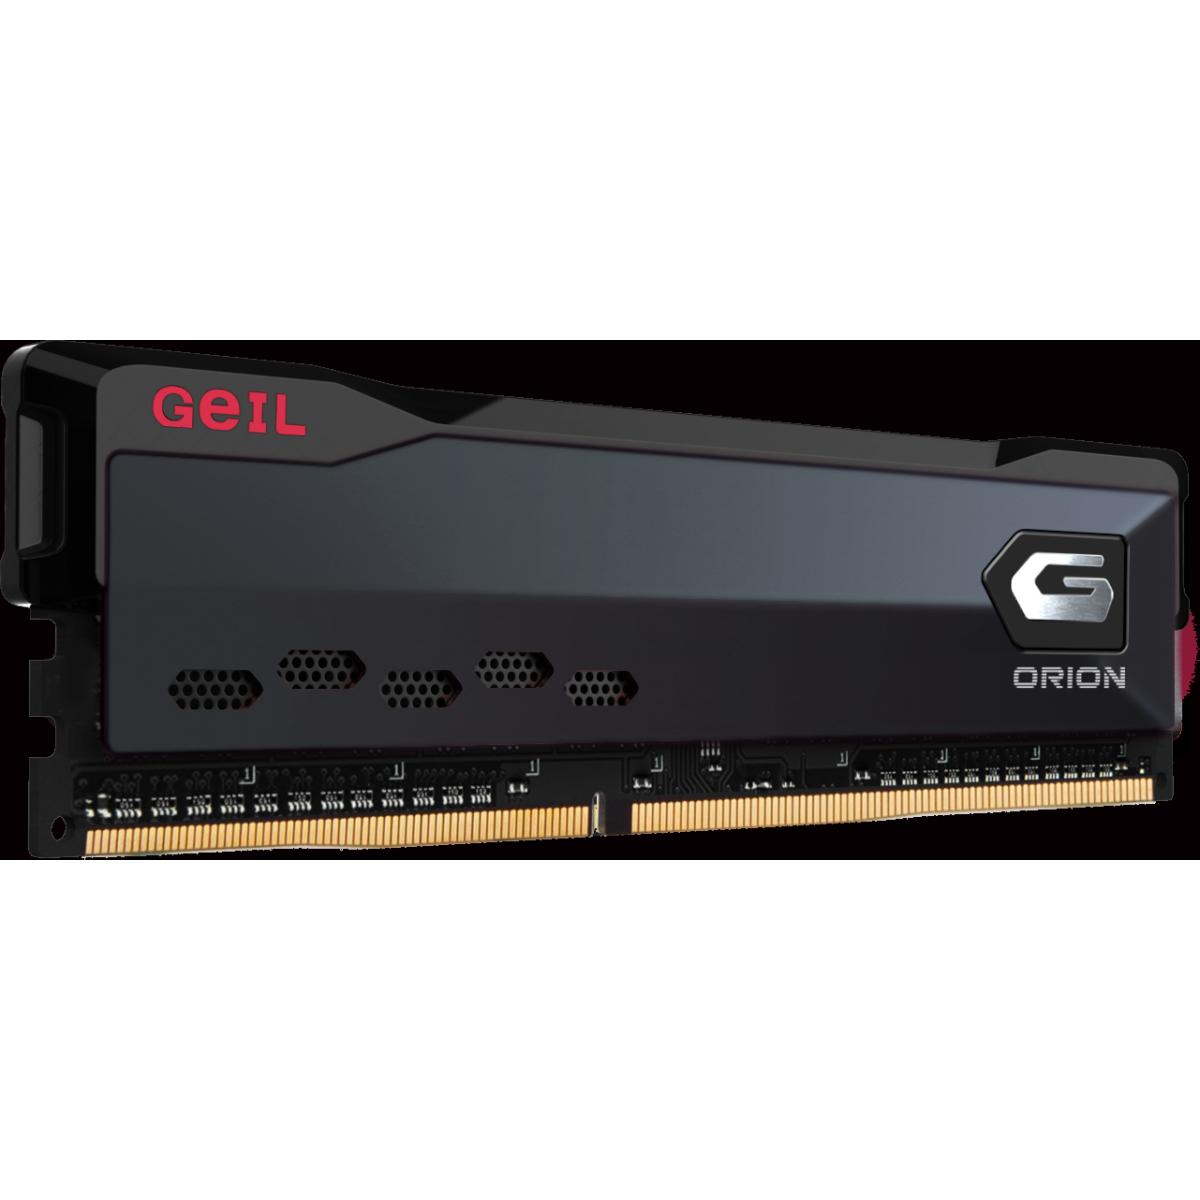 Memória DDR4 Geil Orion, 8GB 3600MHz, Black, GAOG48GB3600C18BSC